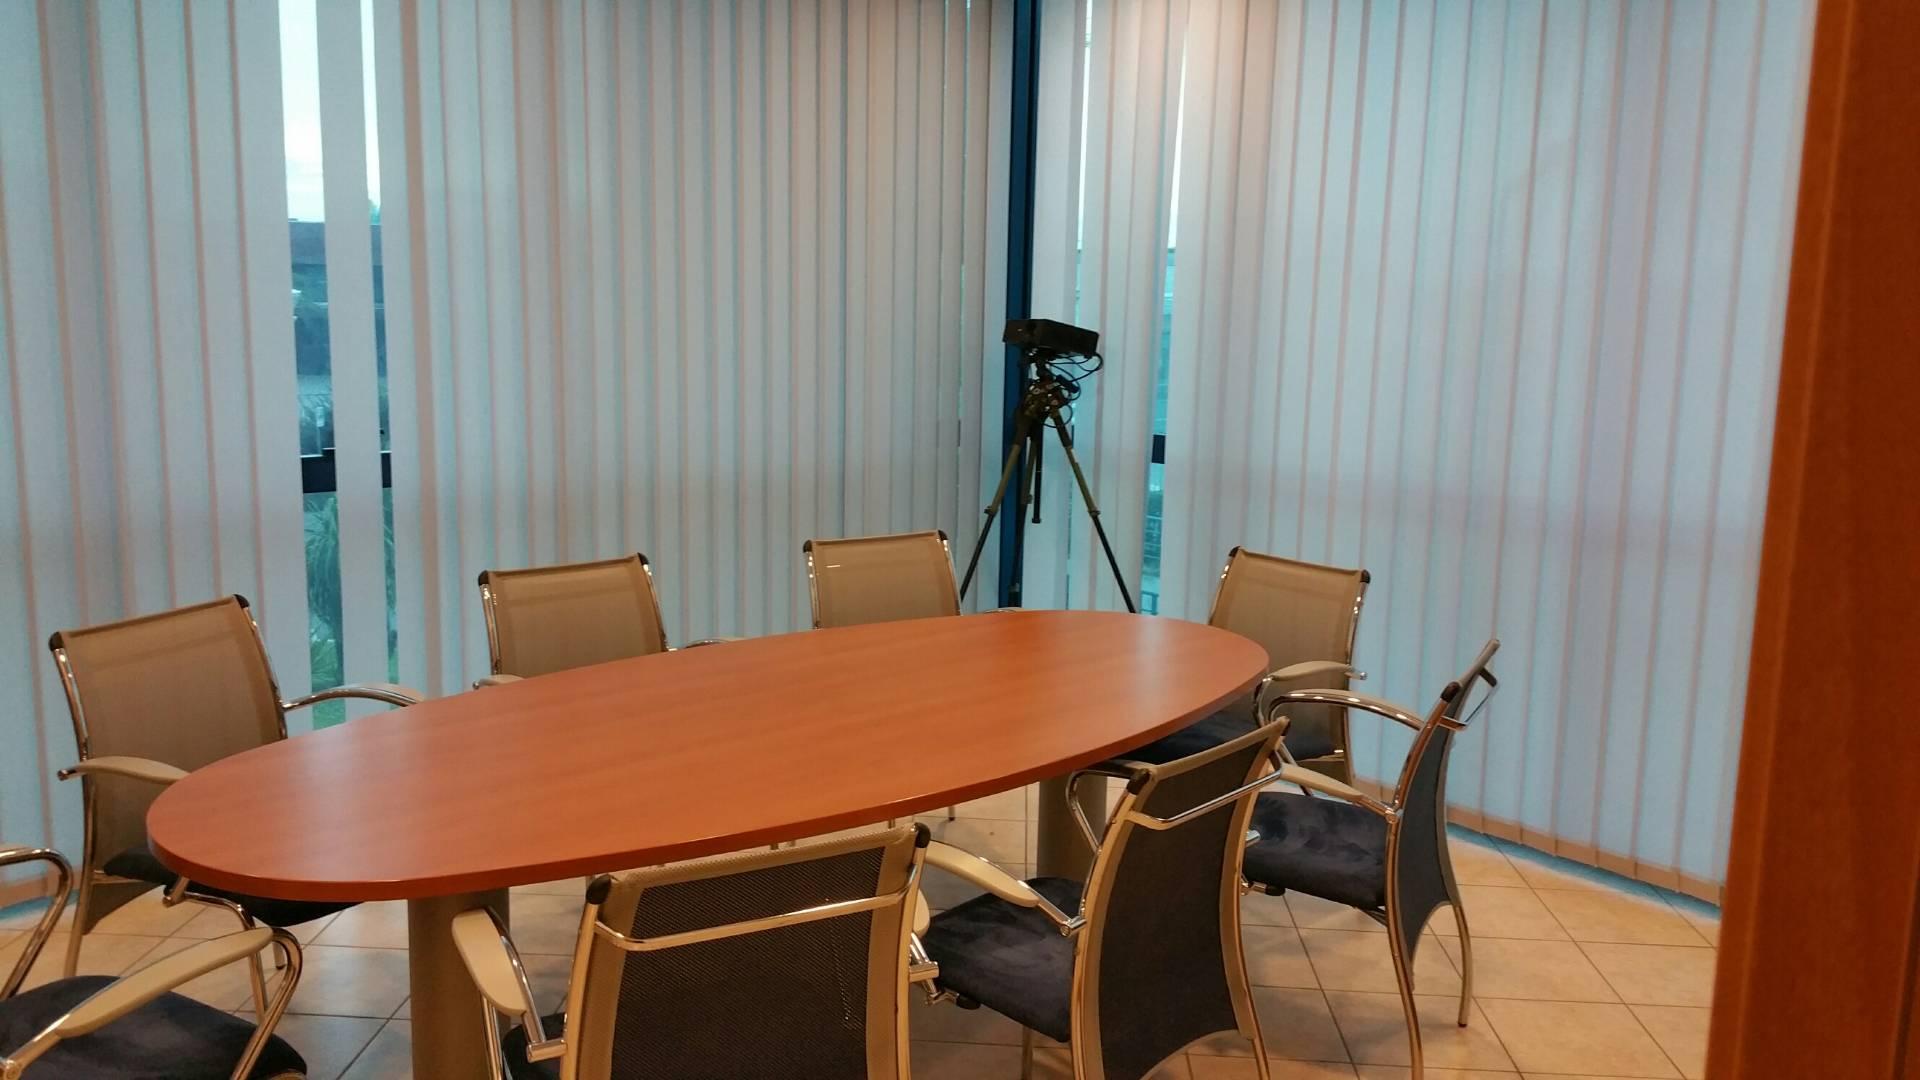 Ufficio / Studio in vendita a Massa, 9999 locali, zona Zona: Centro, prezzo € 280.000 | CambioCasa.it